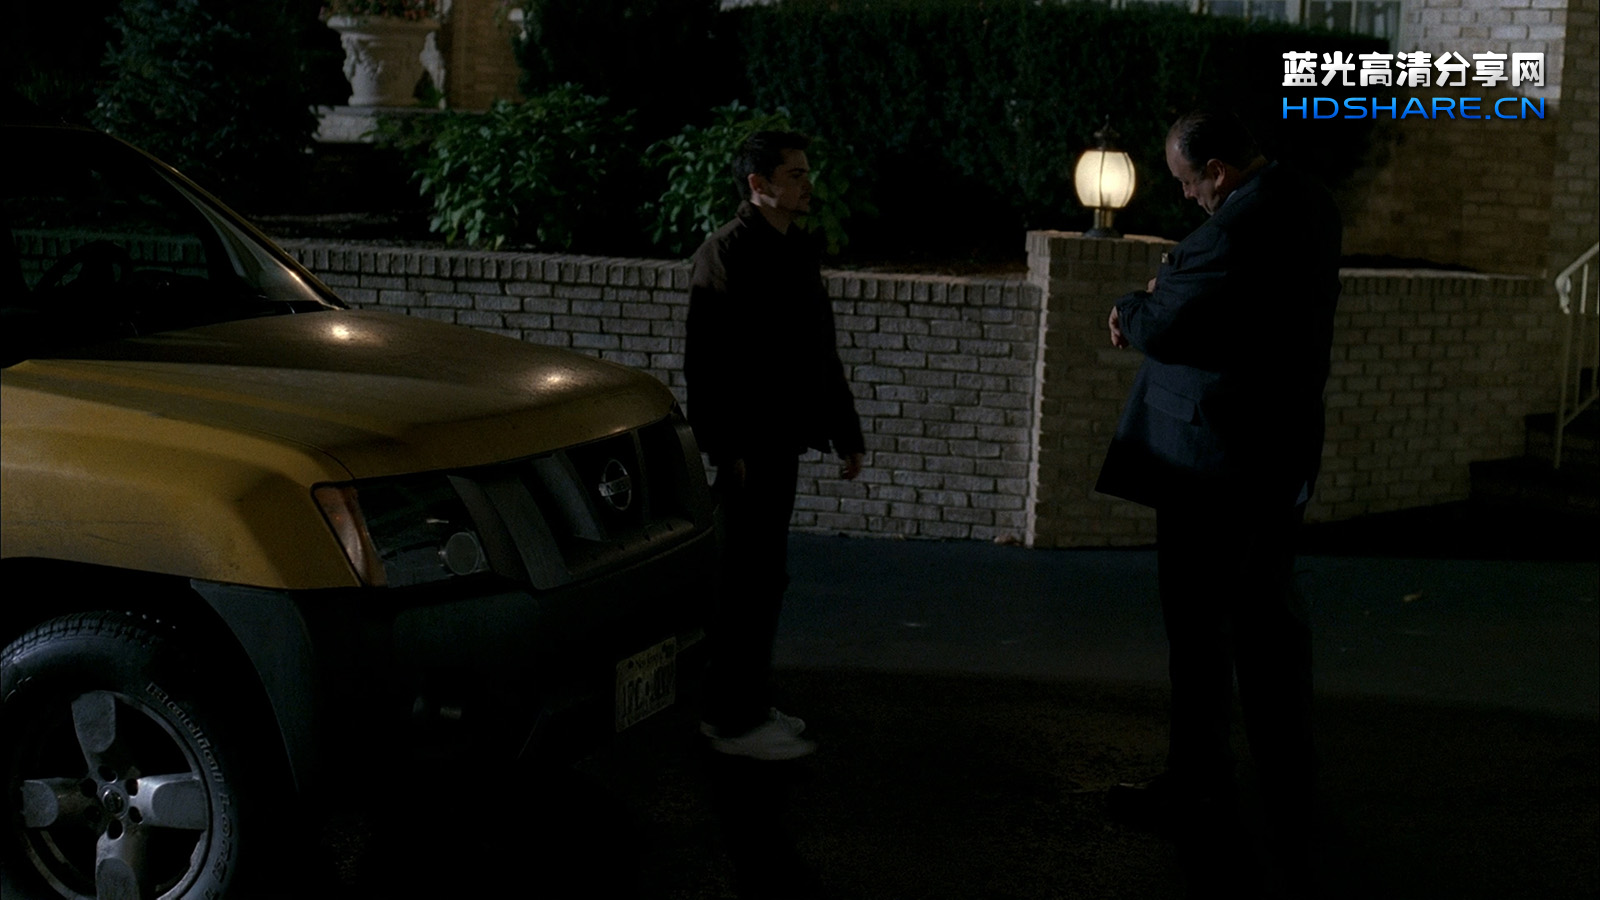 情妇第1季_蓝光电影|蓝光原盘 [黑道家族第五季].The.Sopranos.Season.5.2004.EUR ...